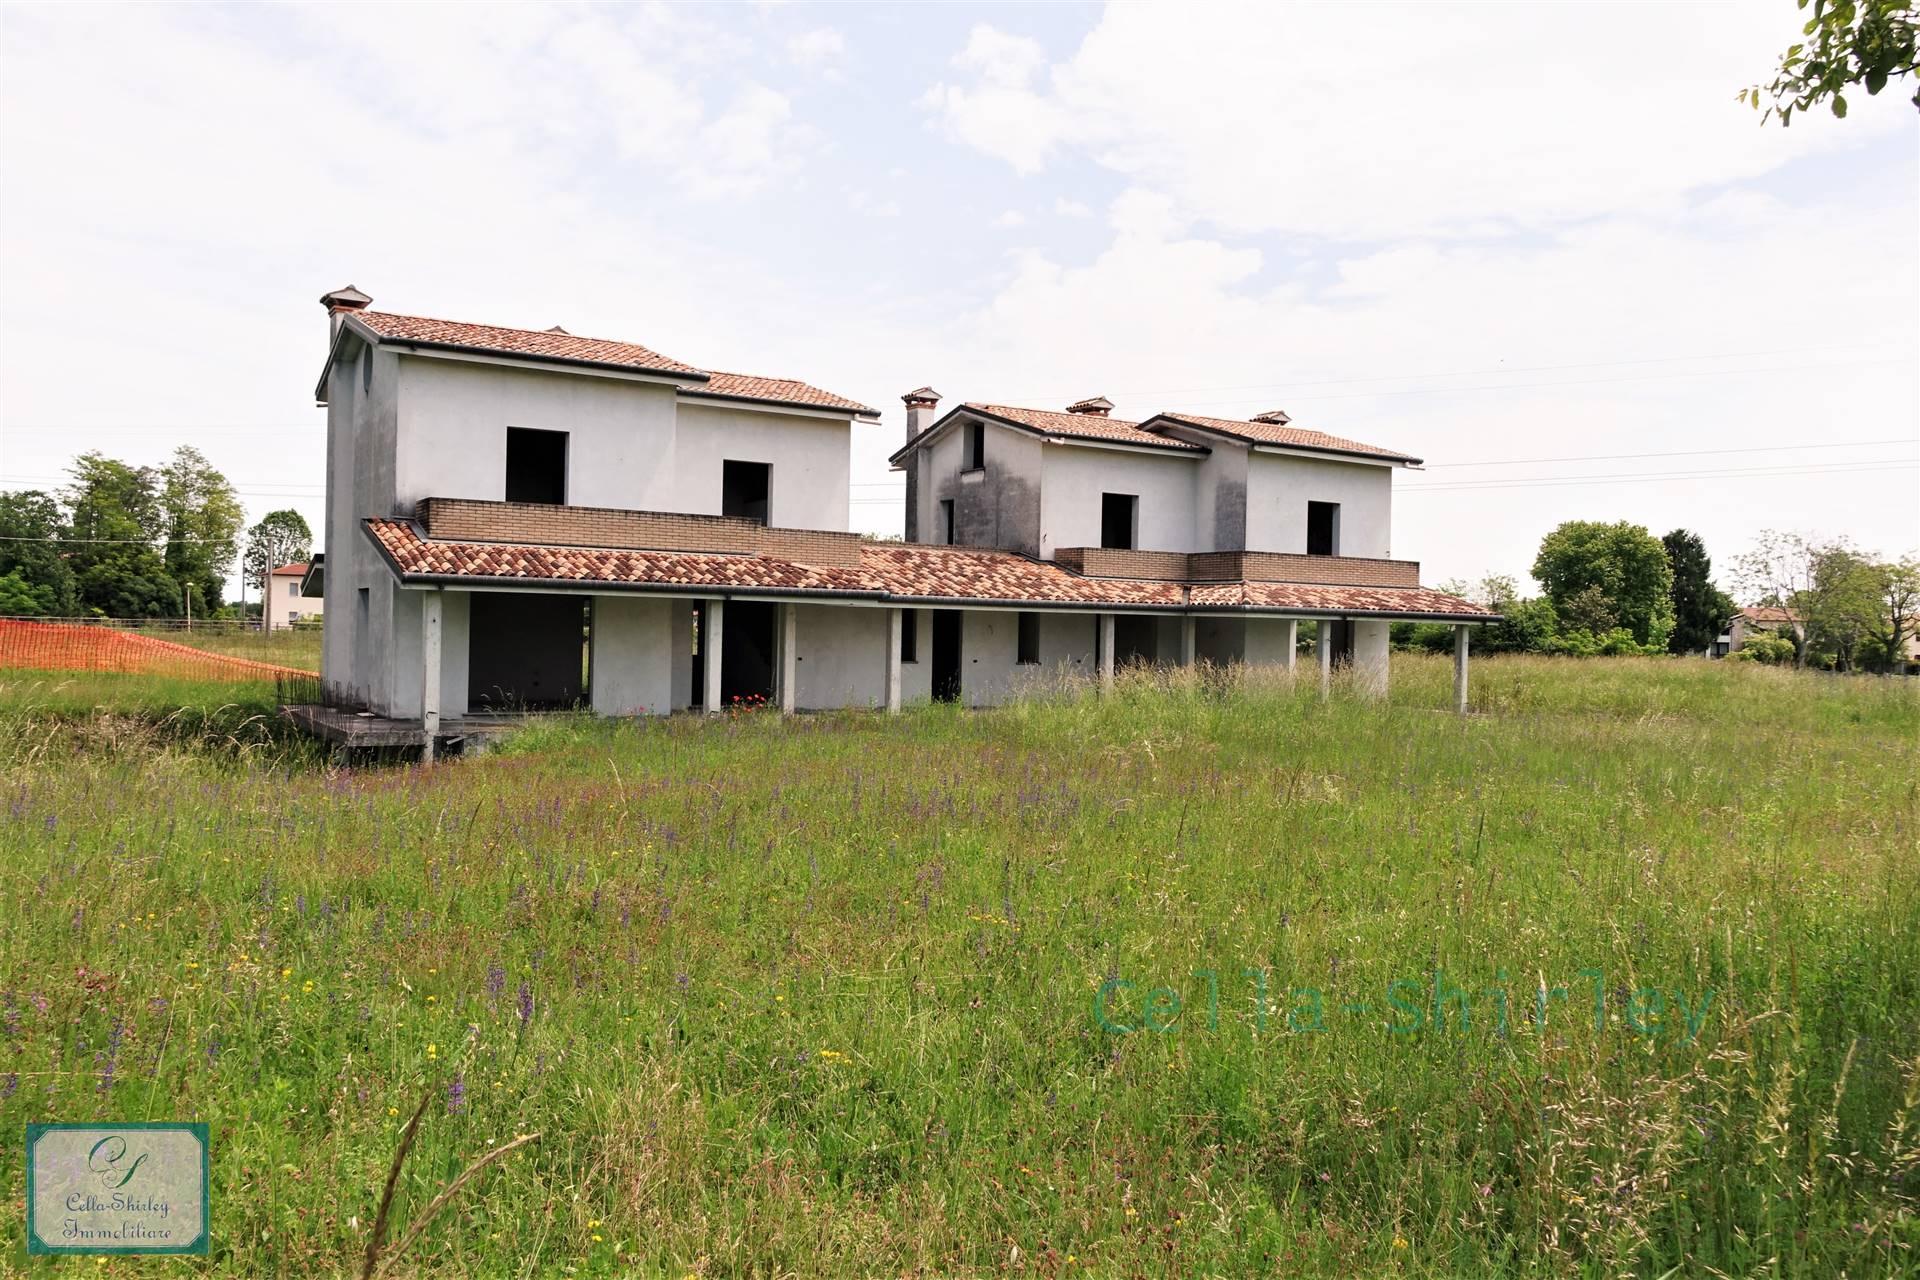 Indipendent House in Nervesa Della Battaglia TV